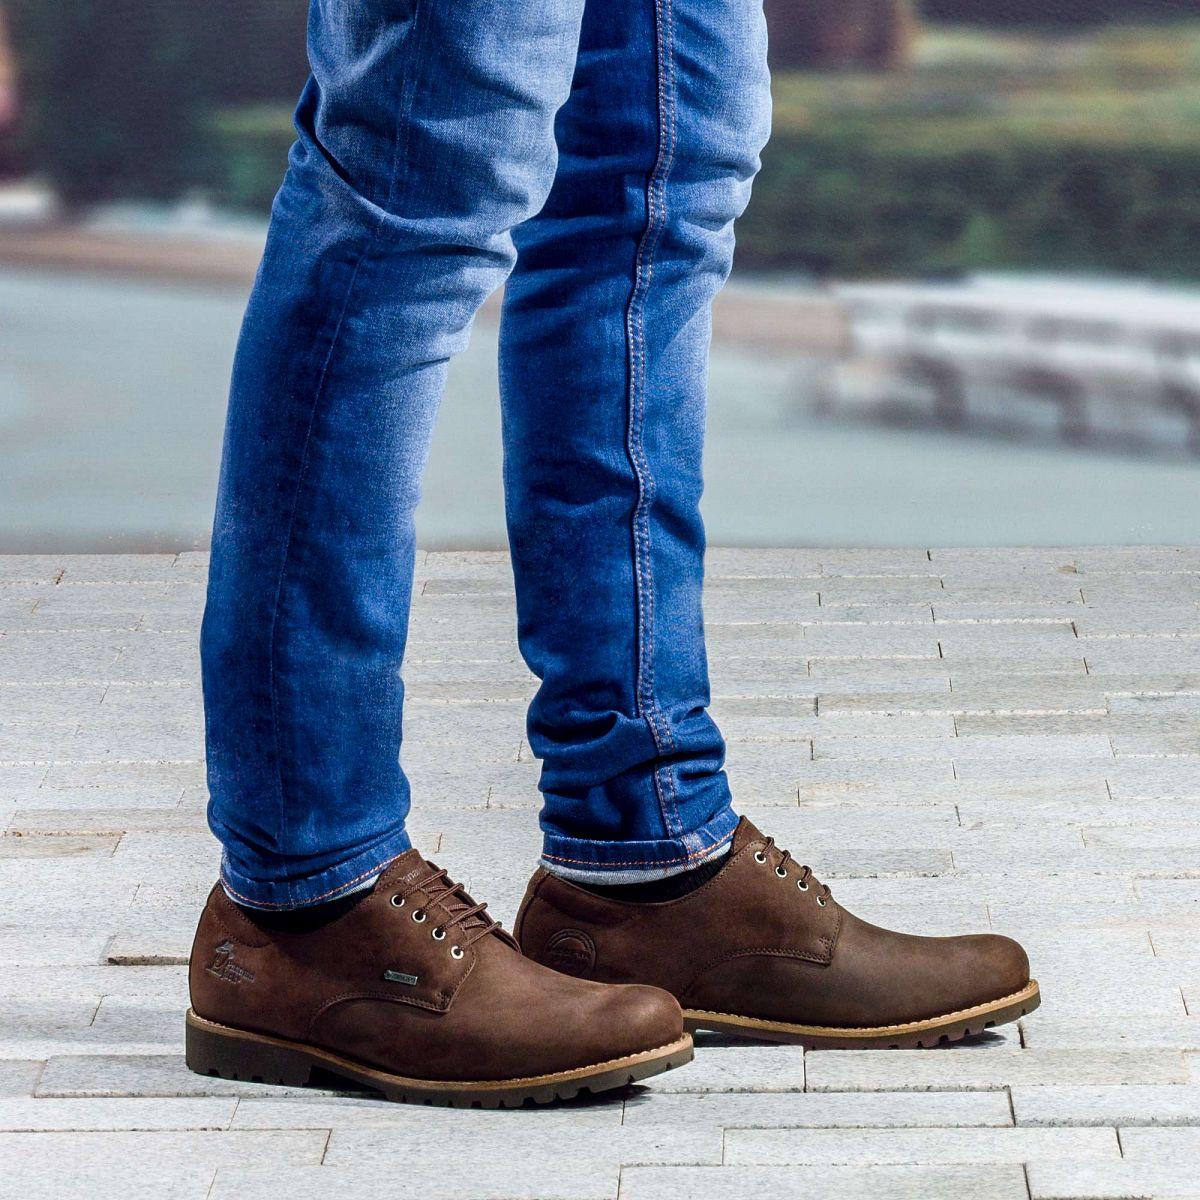 Zapatos Y Forocoches Humedad Frio Tema Serio Para Nybdqpuyxw XIqXwSr